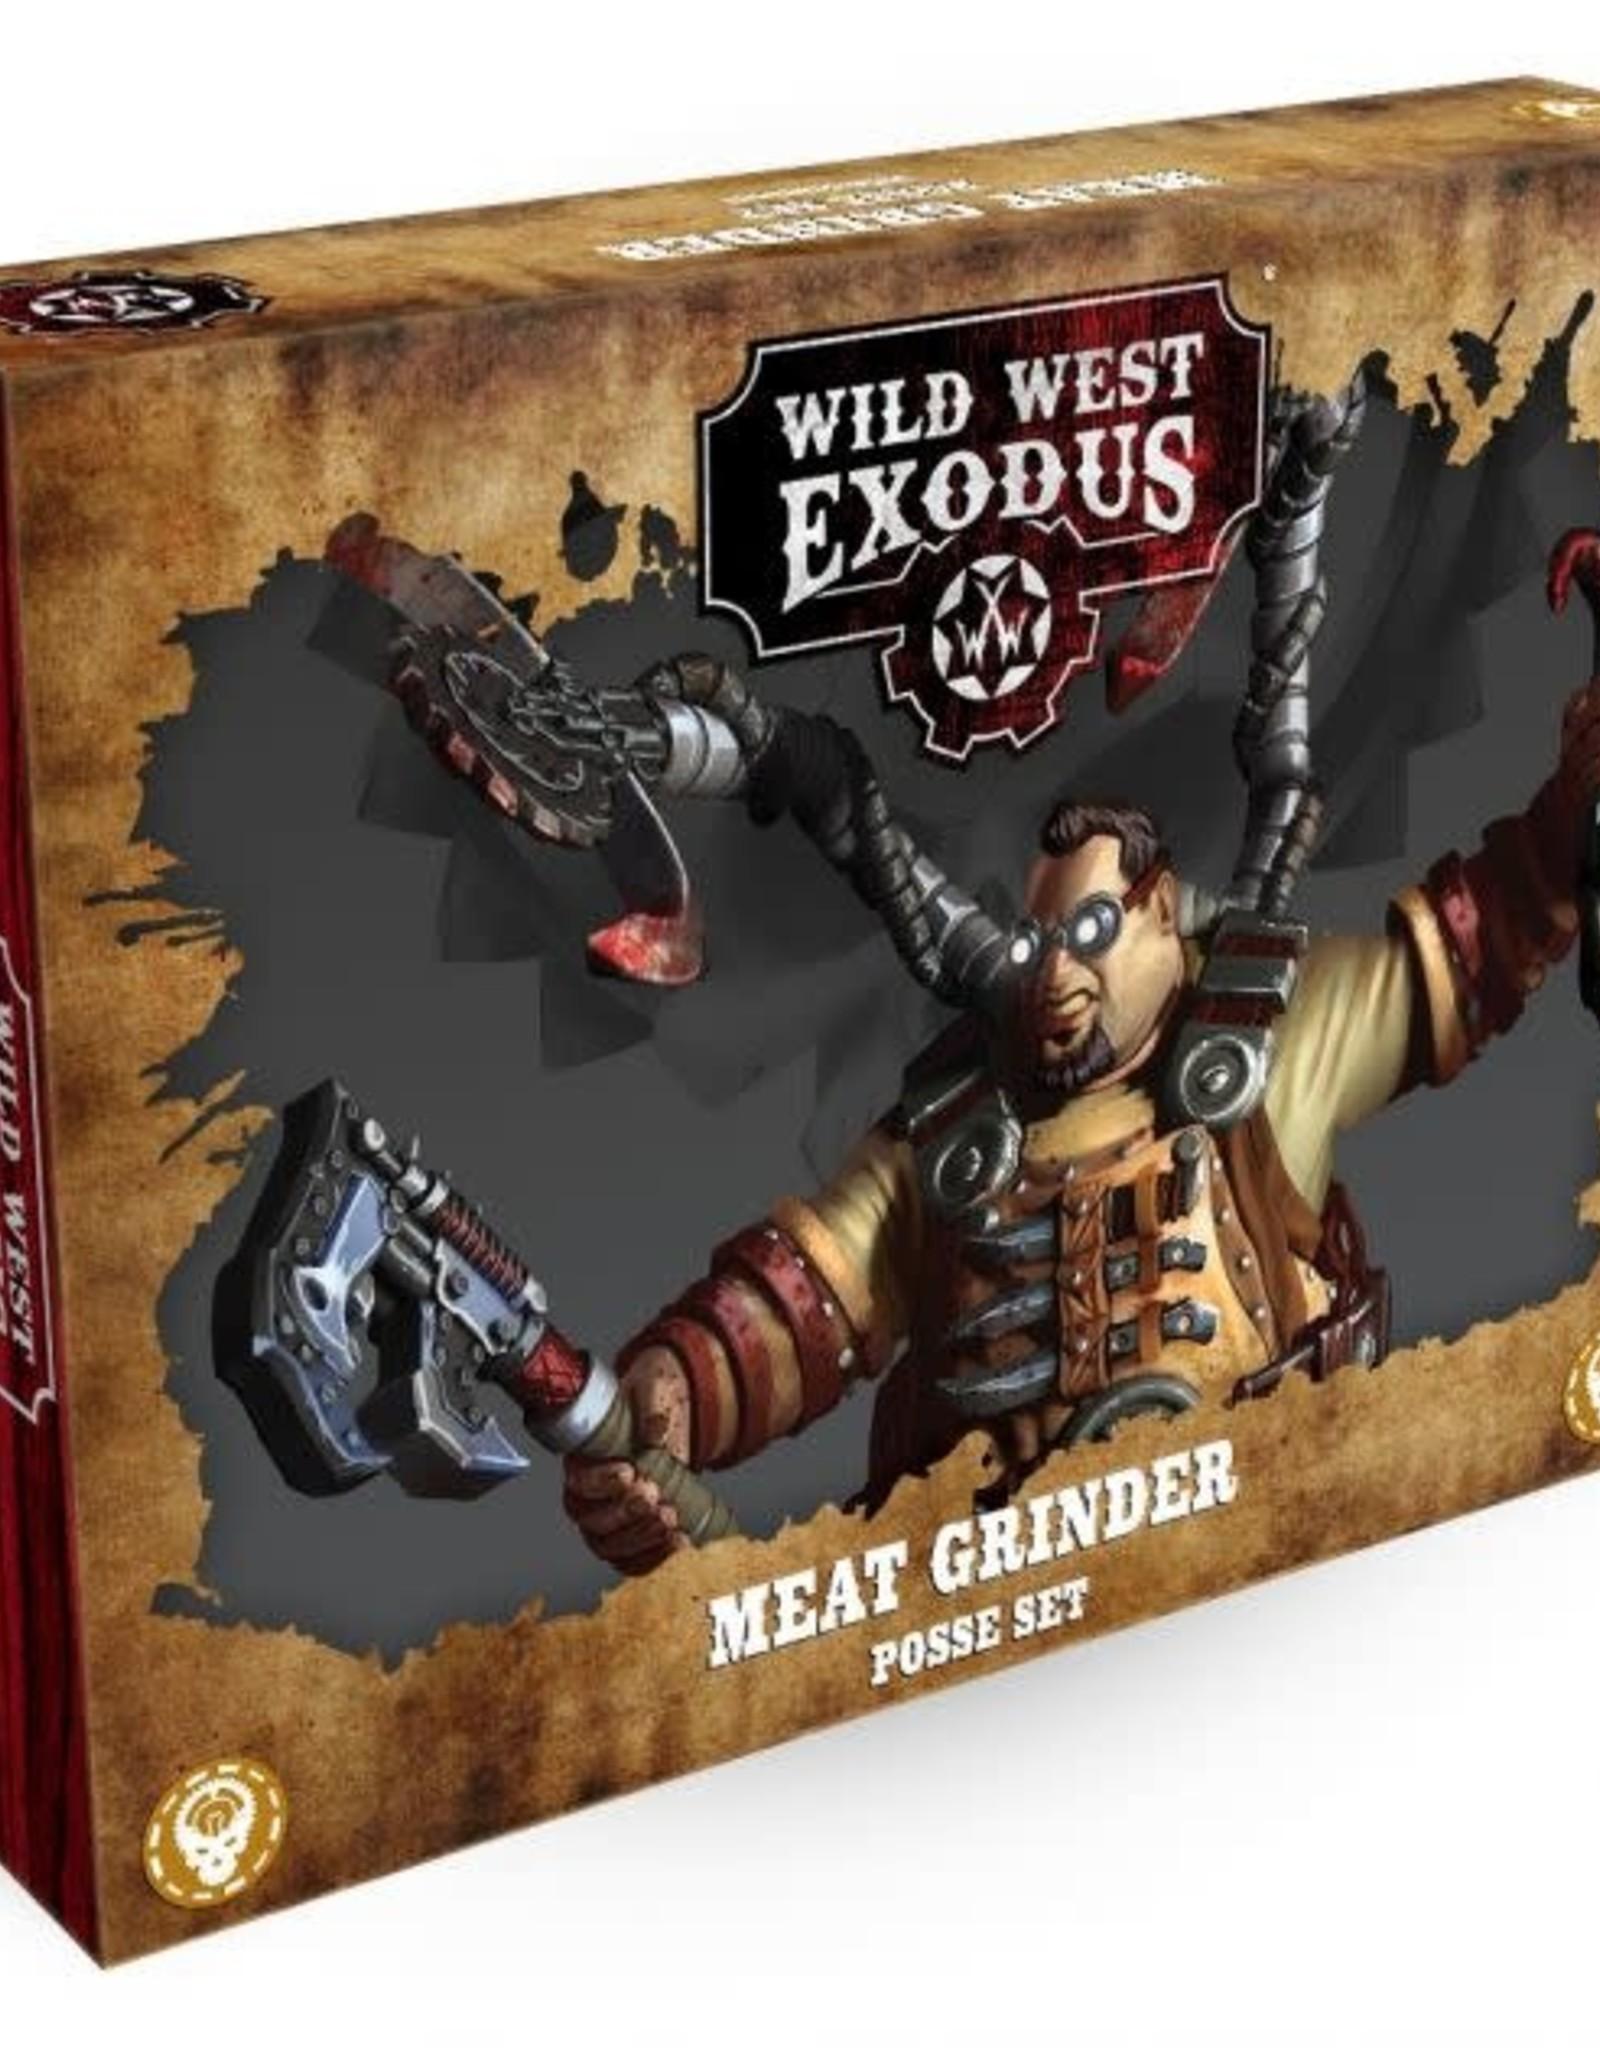 Meat Grinder Posse Set